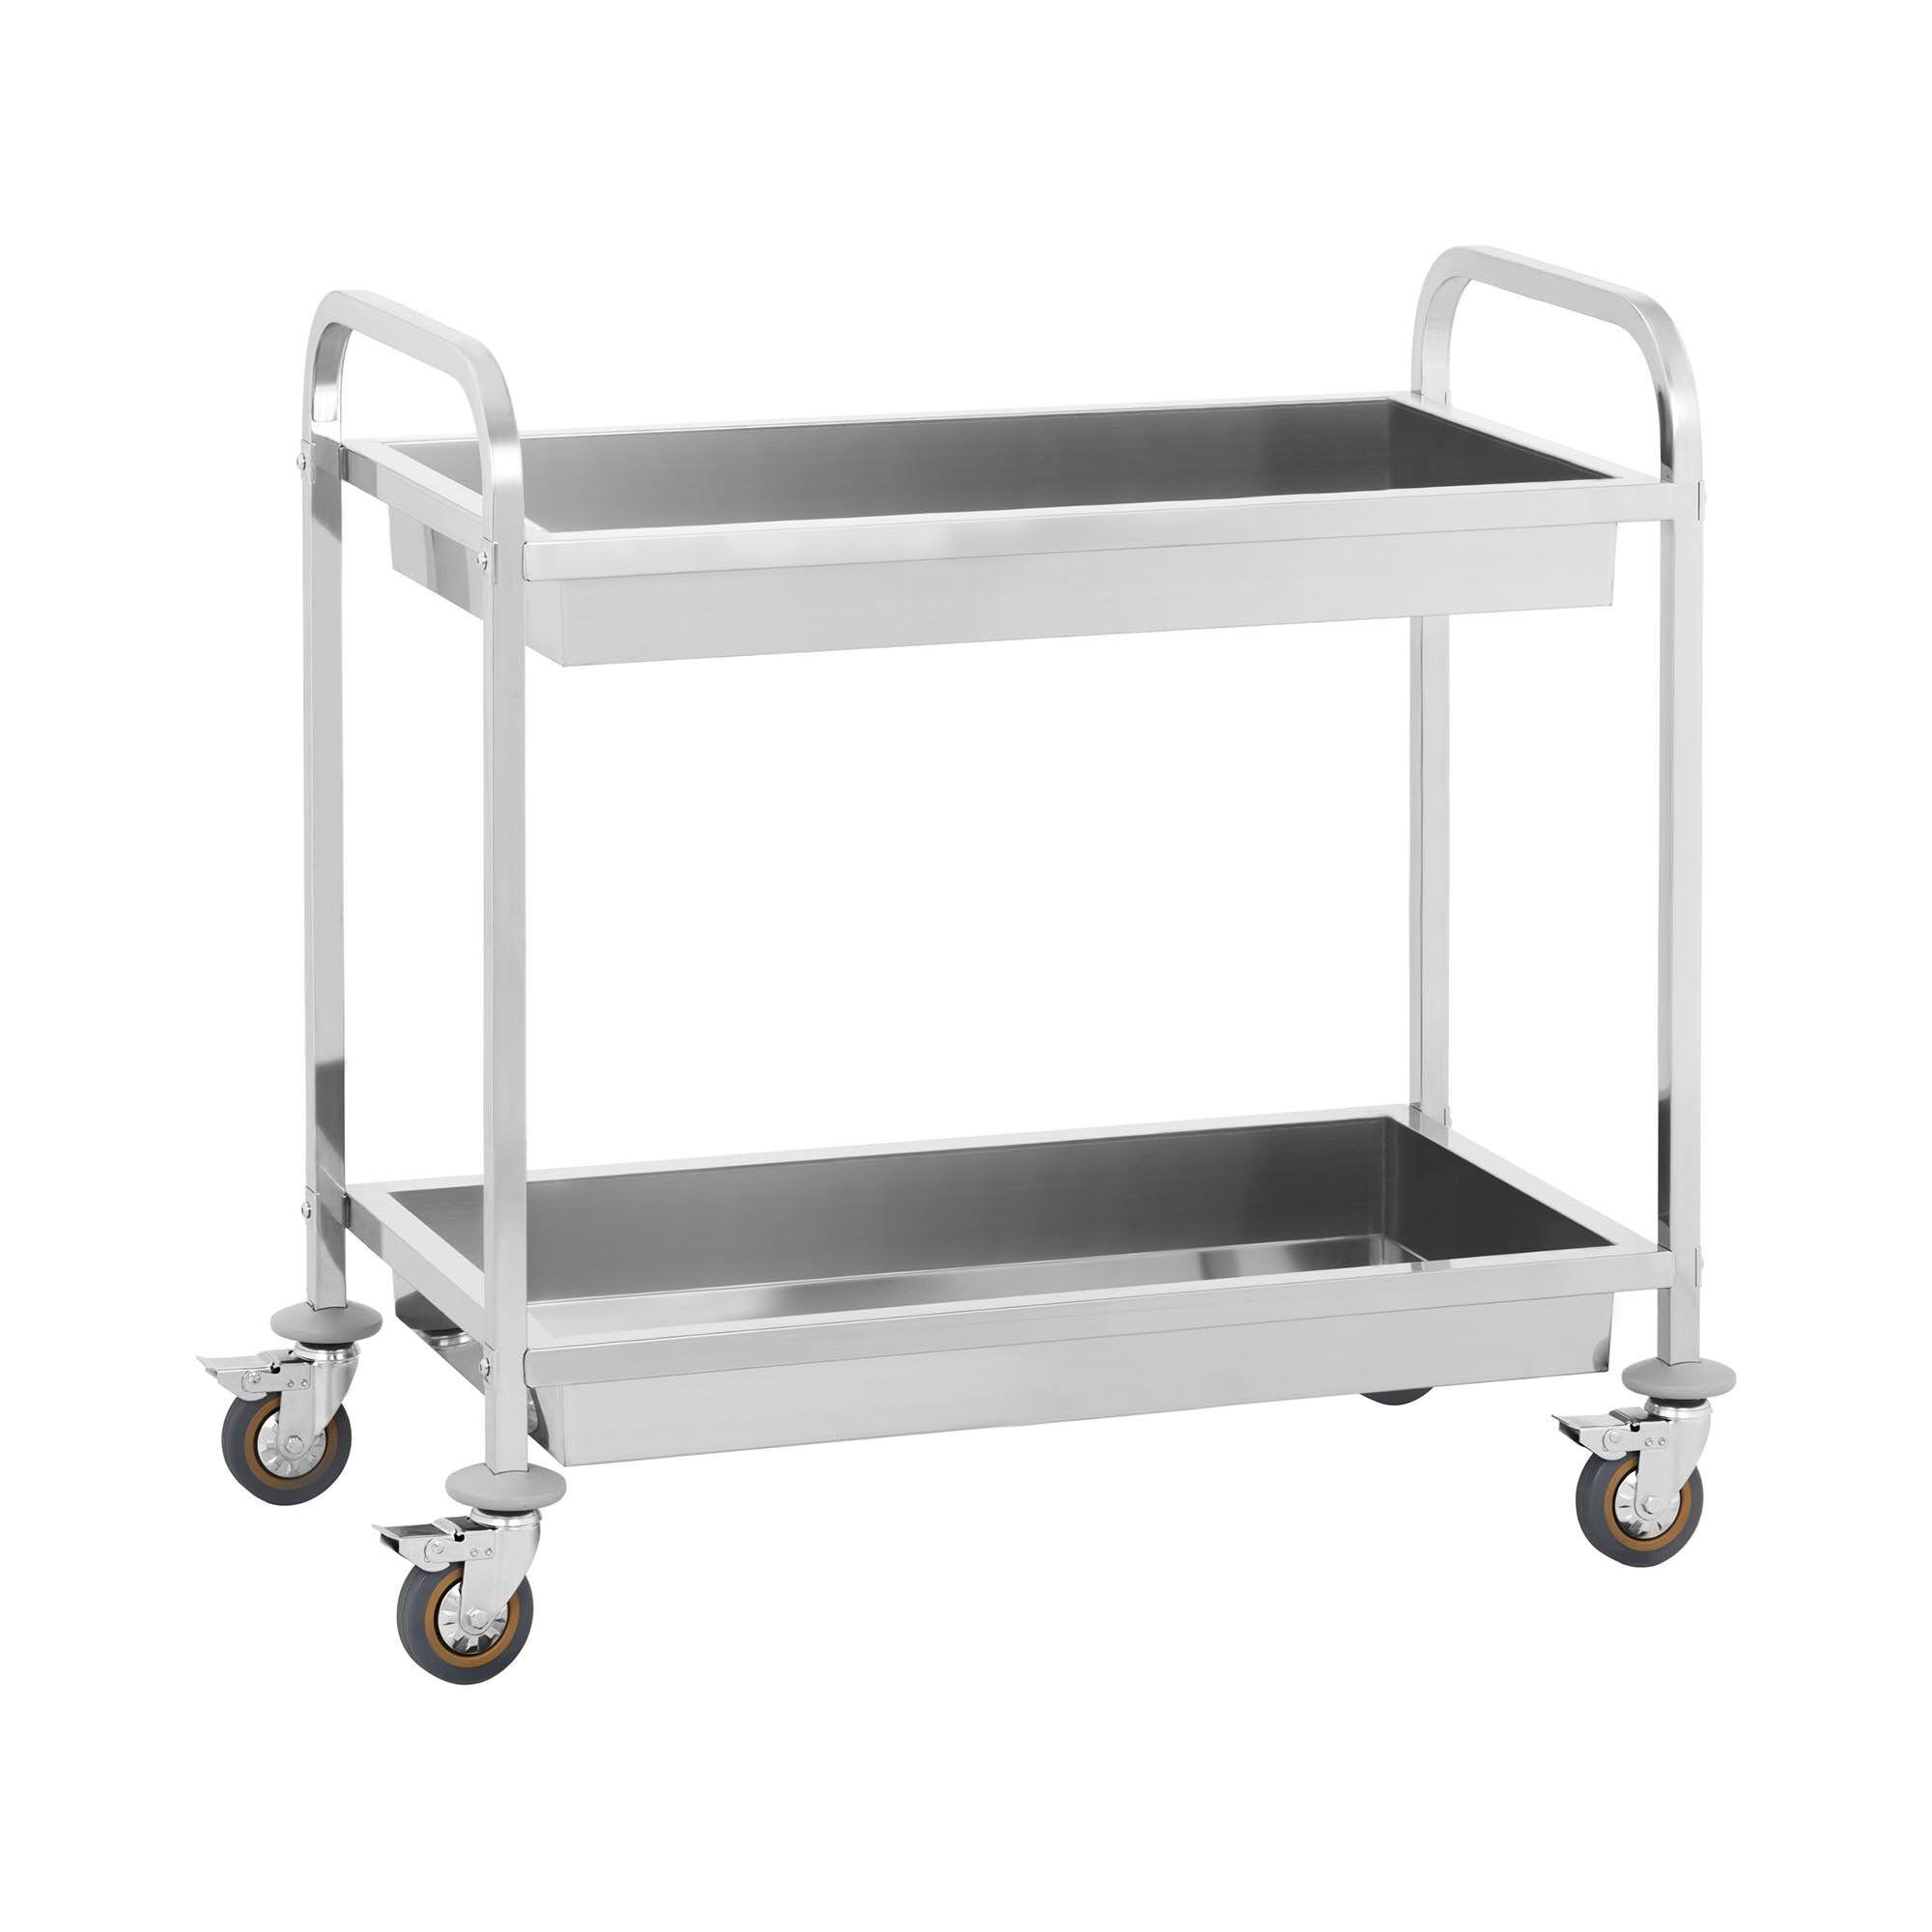 royal catering carrello di servizio - 2 contenitori - per uso professionale